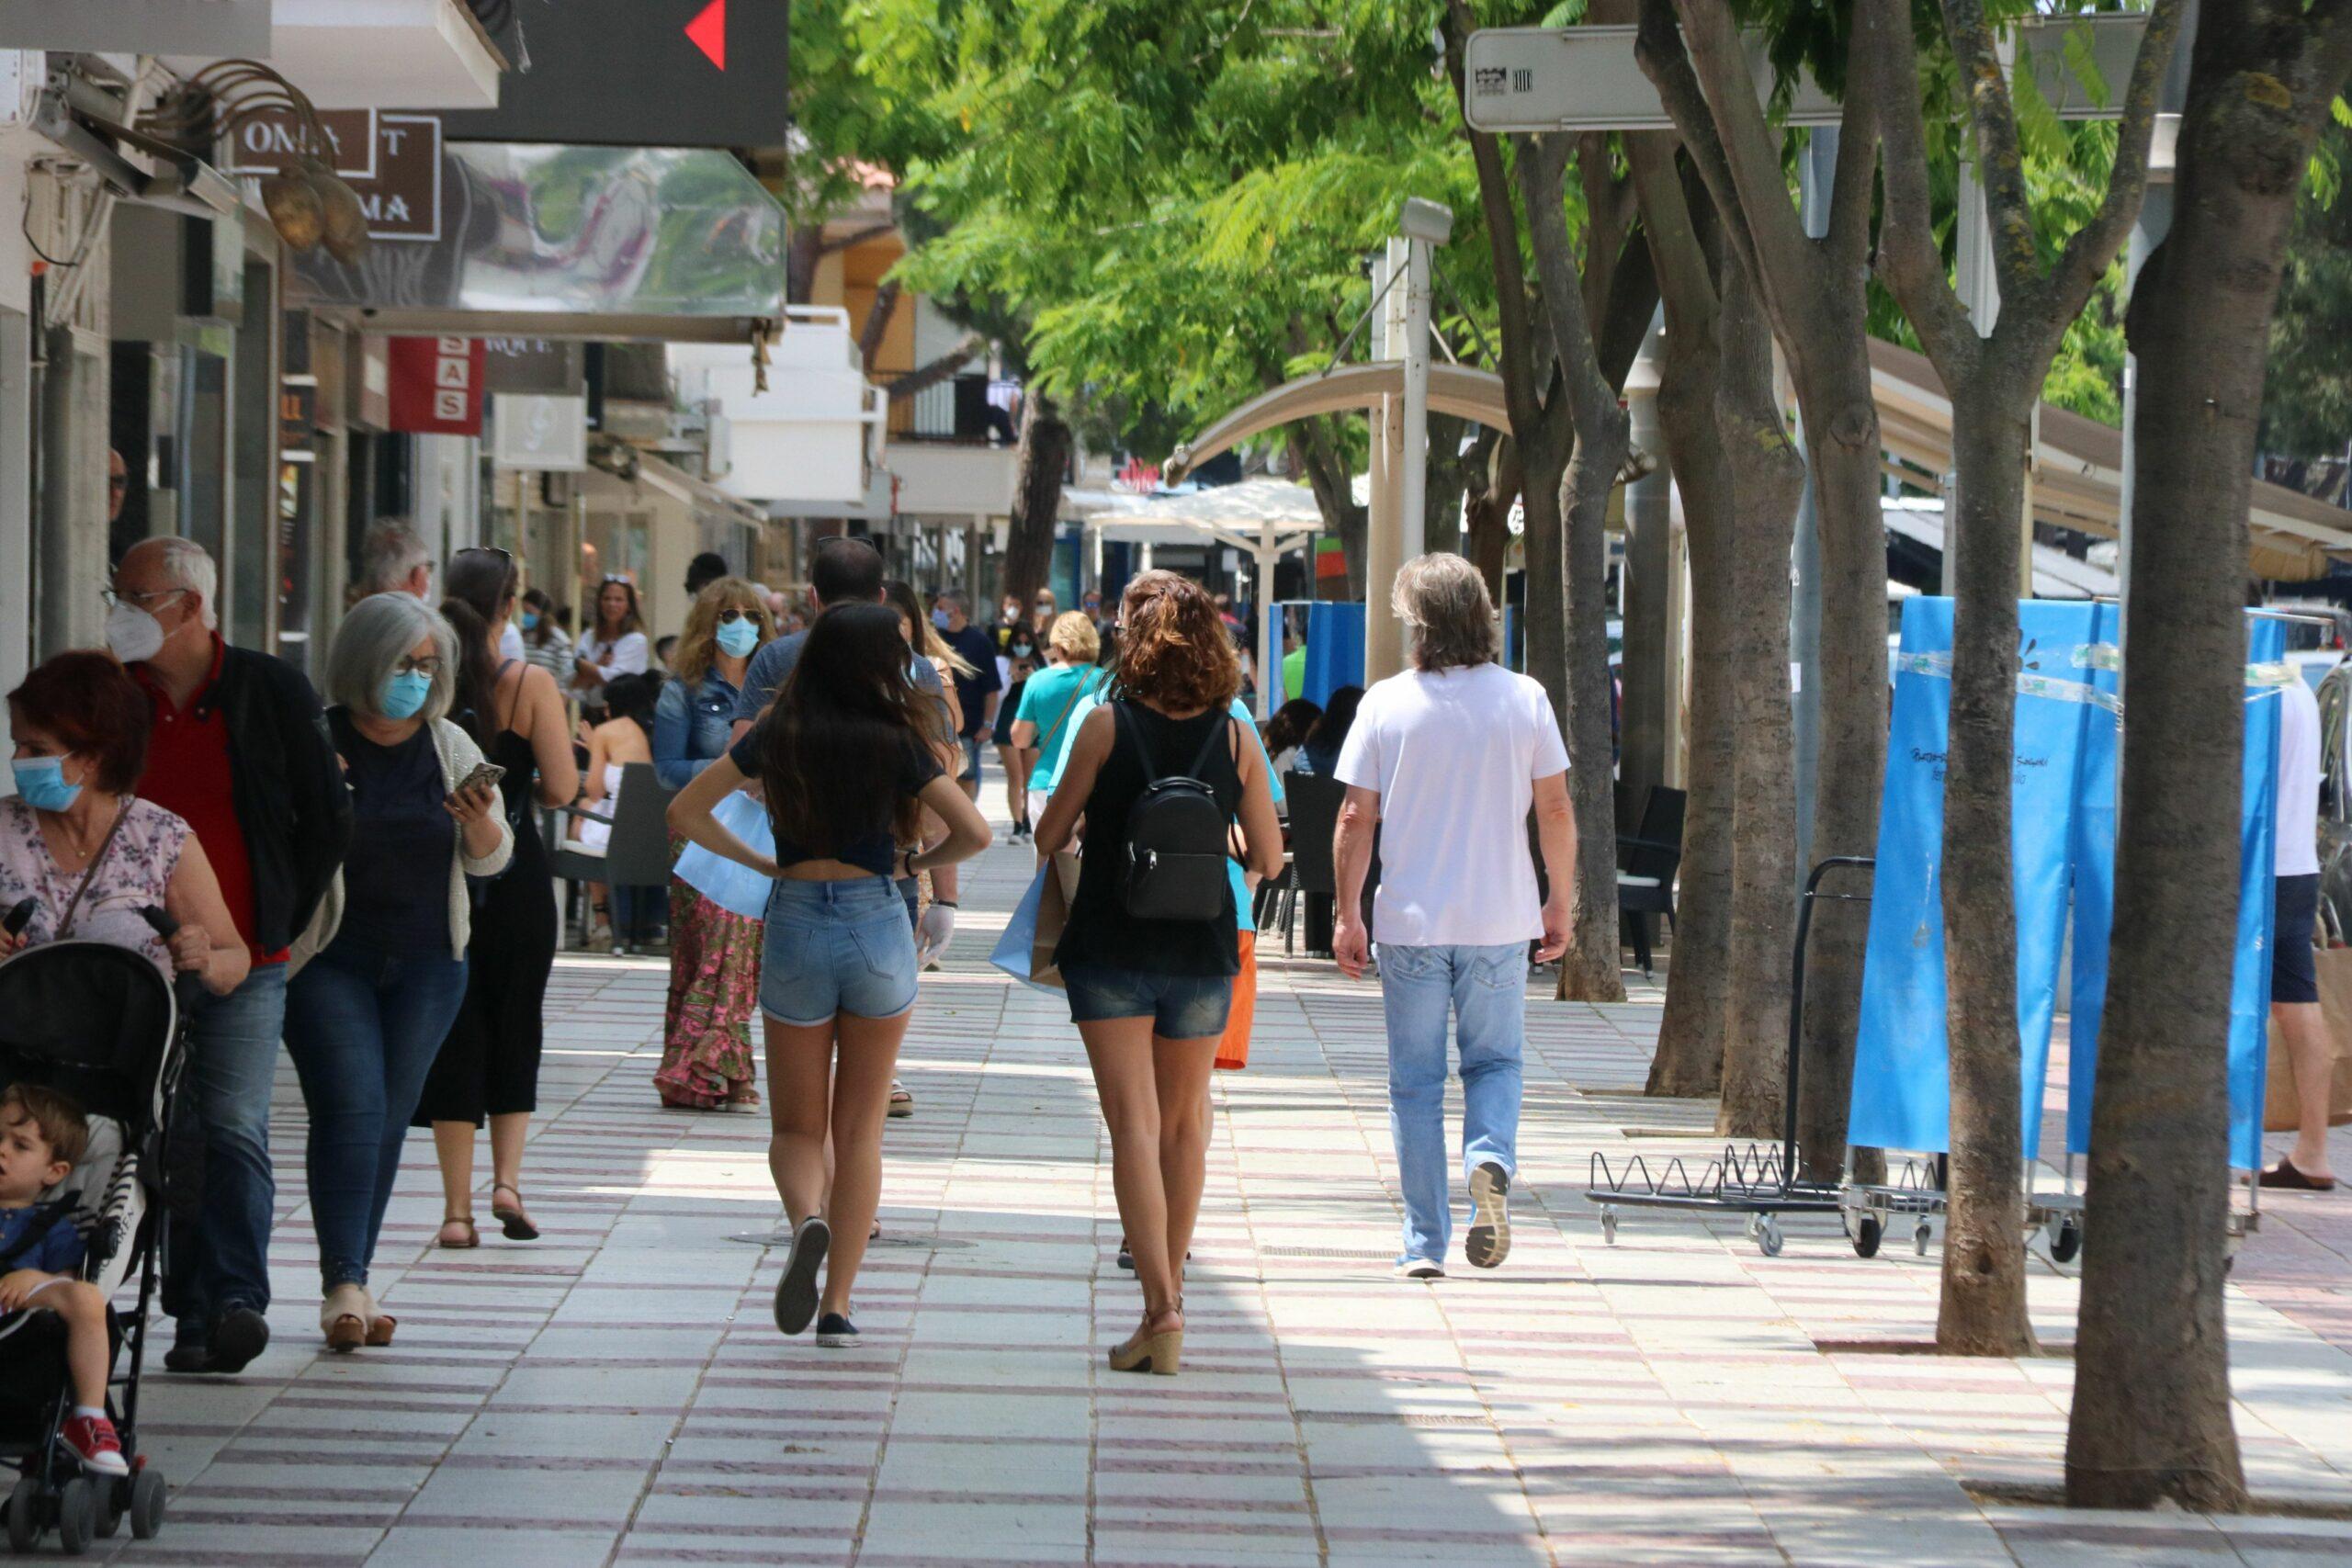 L'Avinguda Cavall Bernat de Platja d'Aro amb diverses persones passejant entre els comer?os